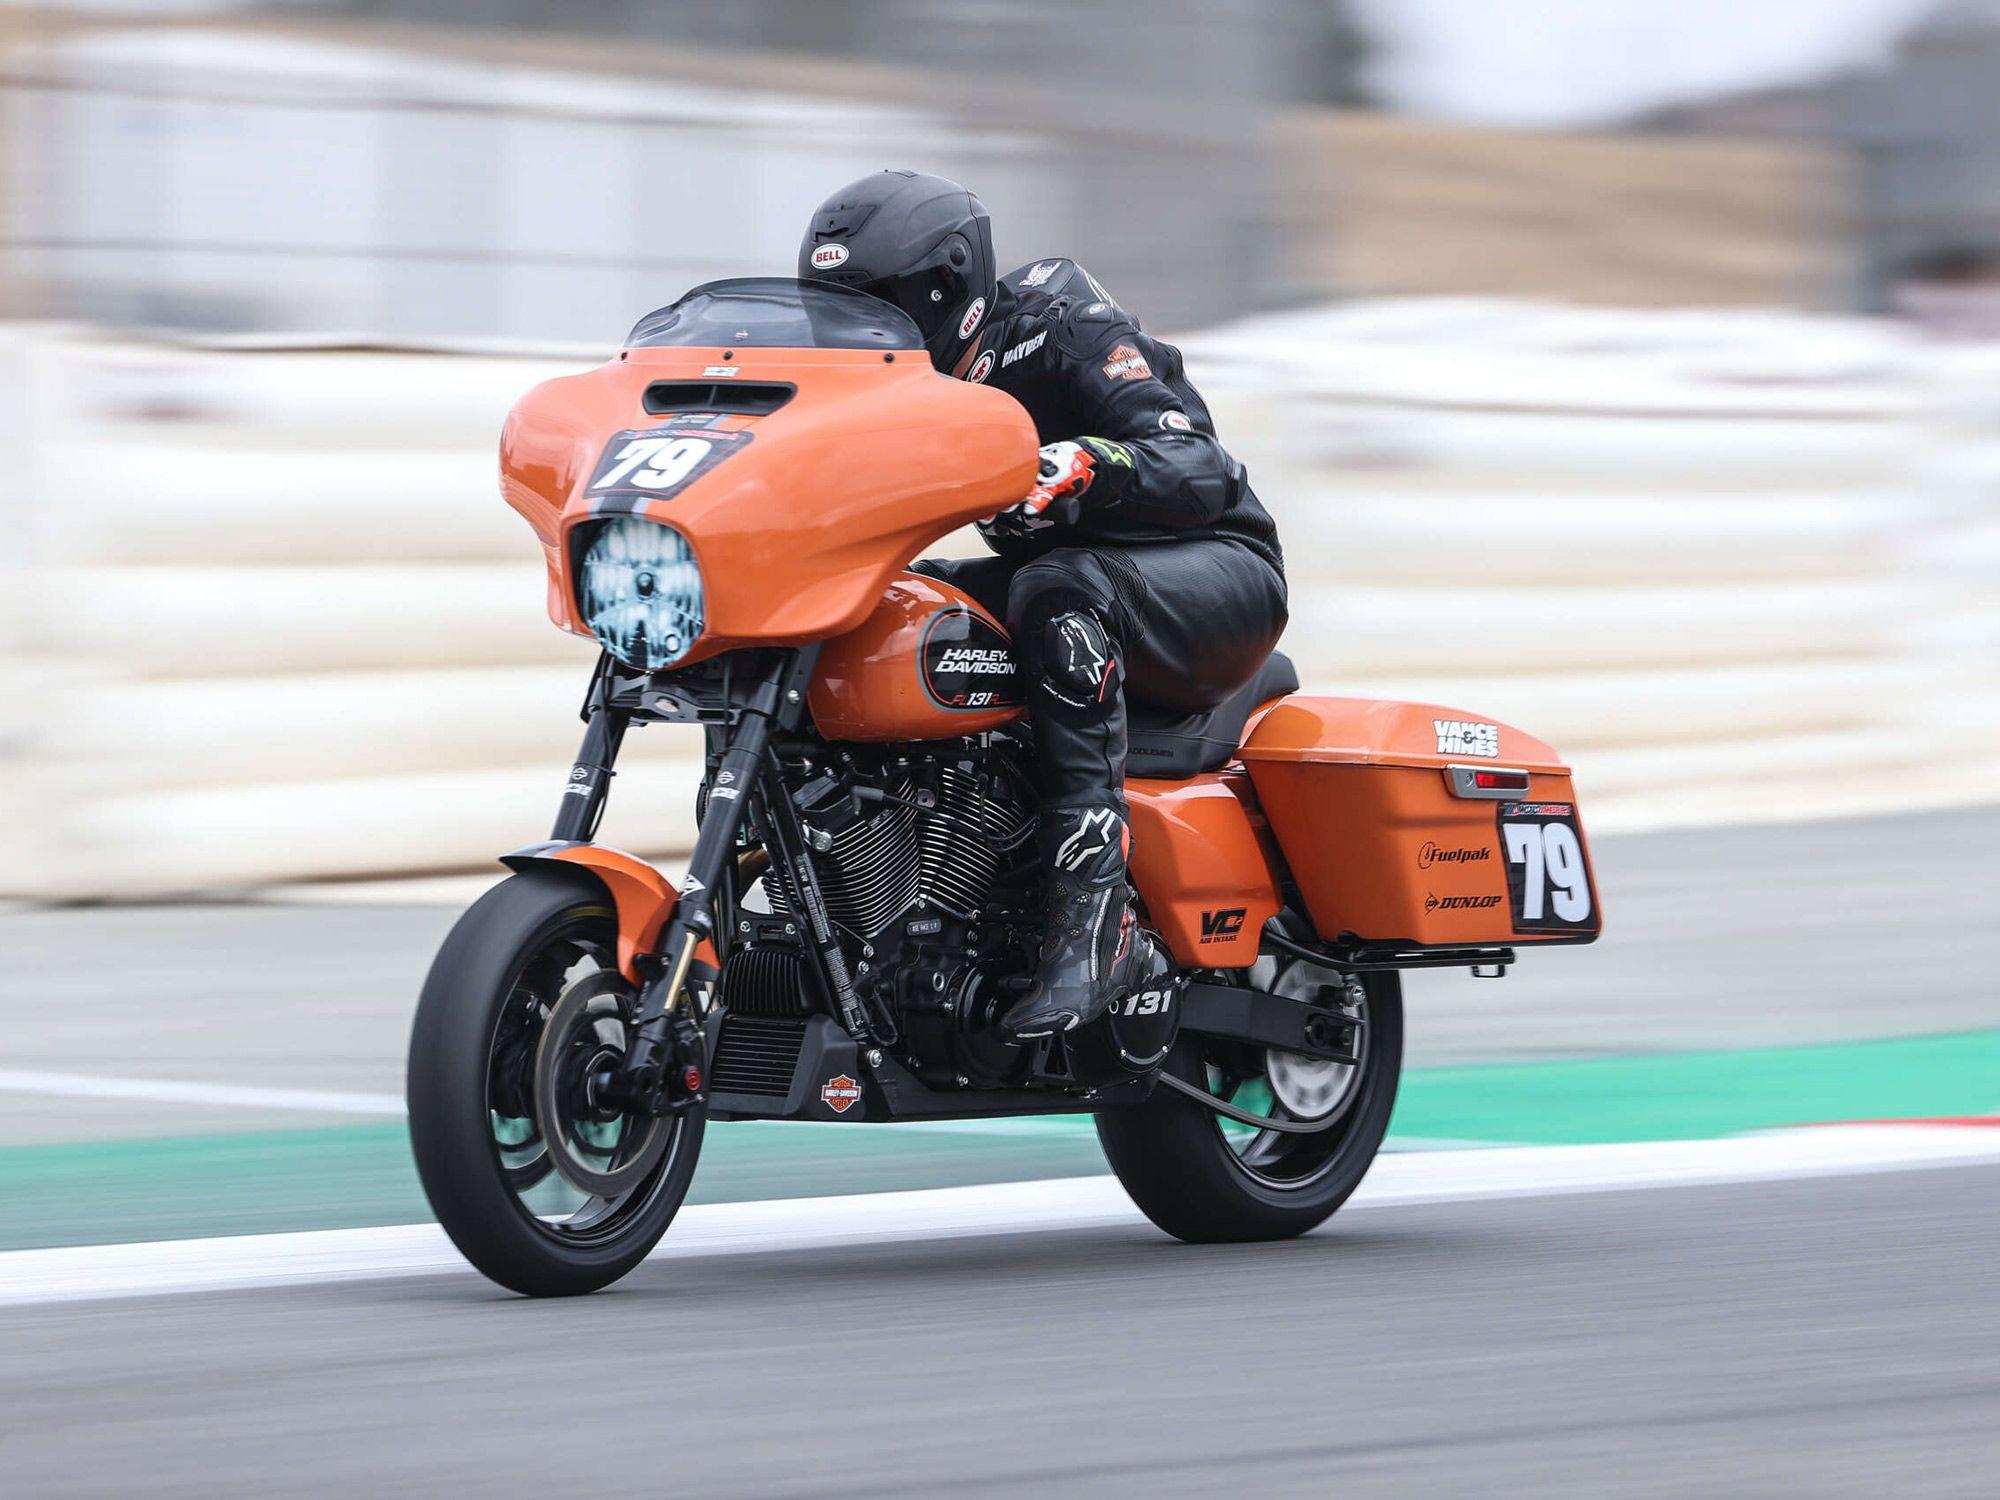 Hayden Gillim op de Vance & Hines Harley-Davidson pakte de derde plaats in de tweede ronde race.